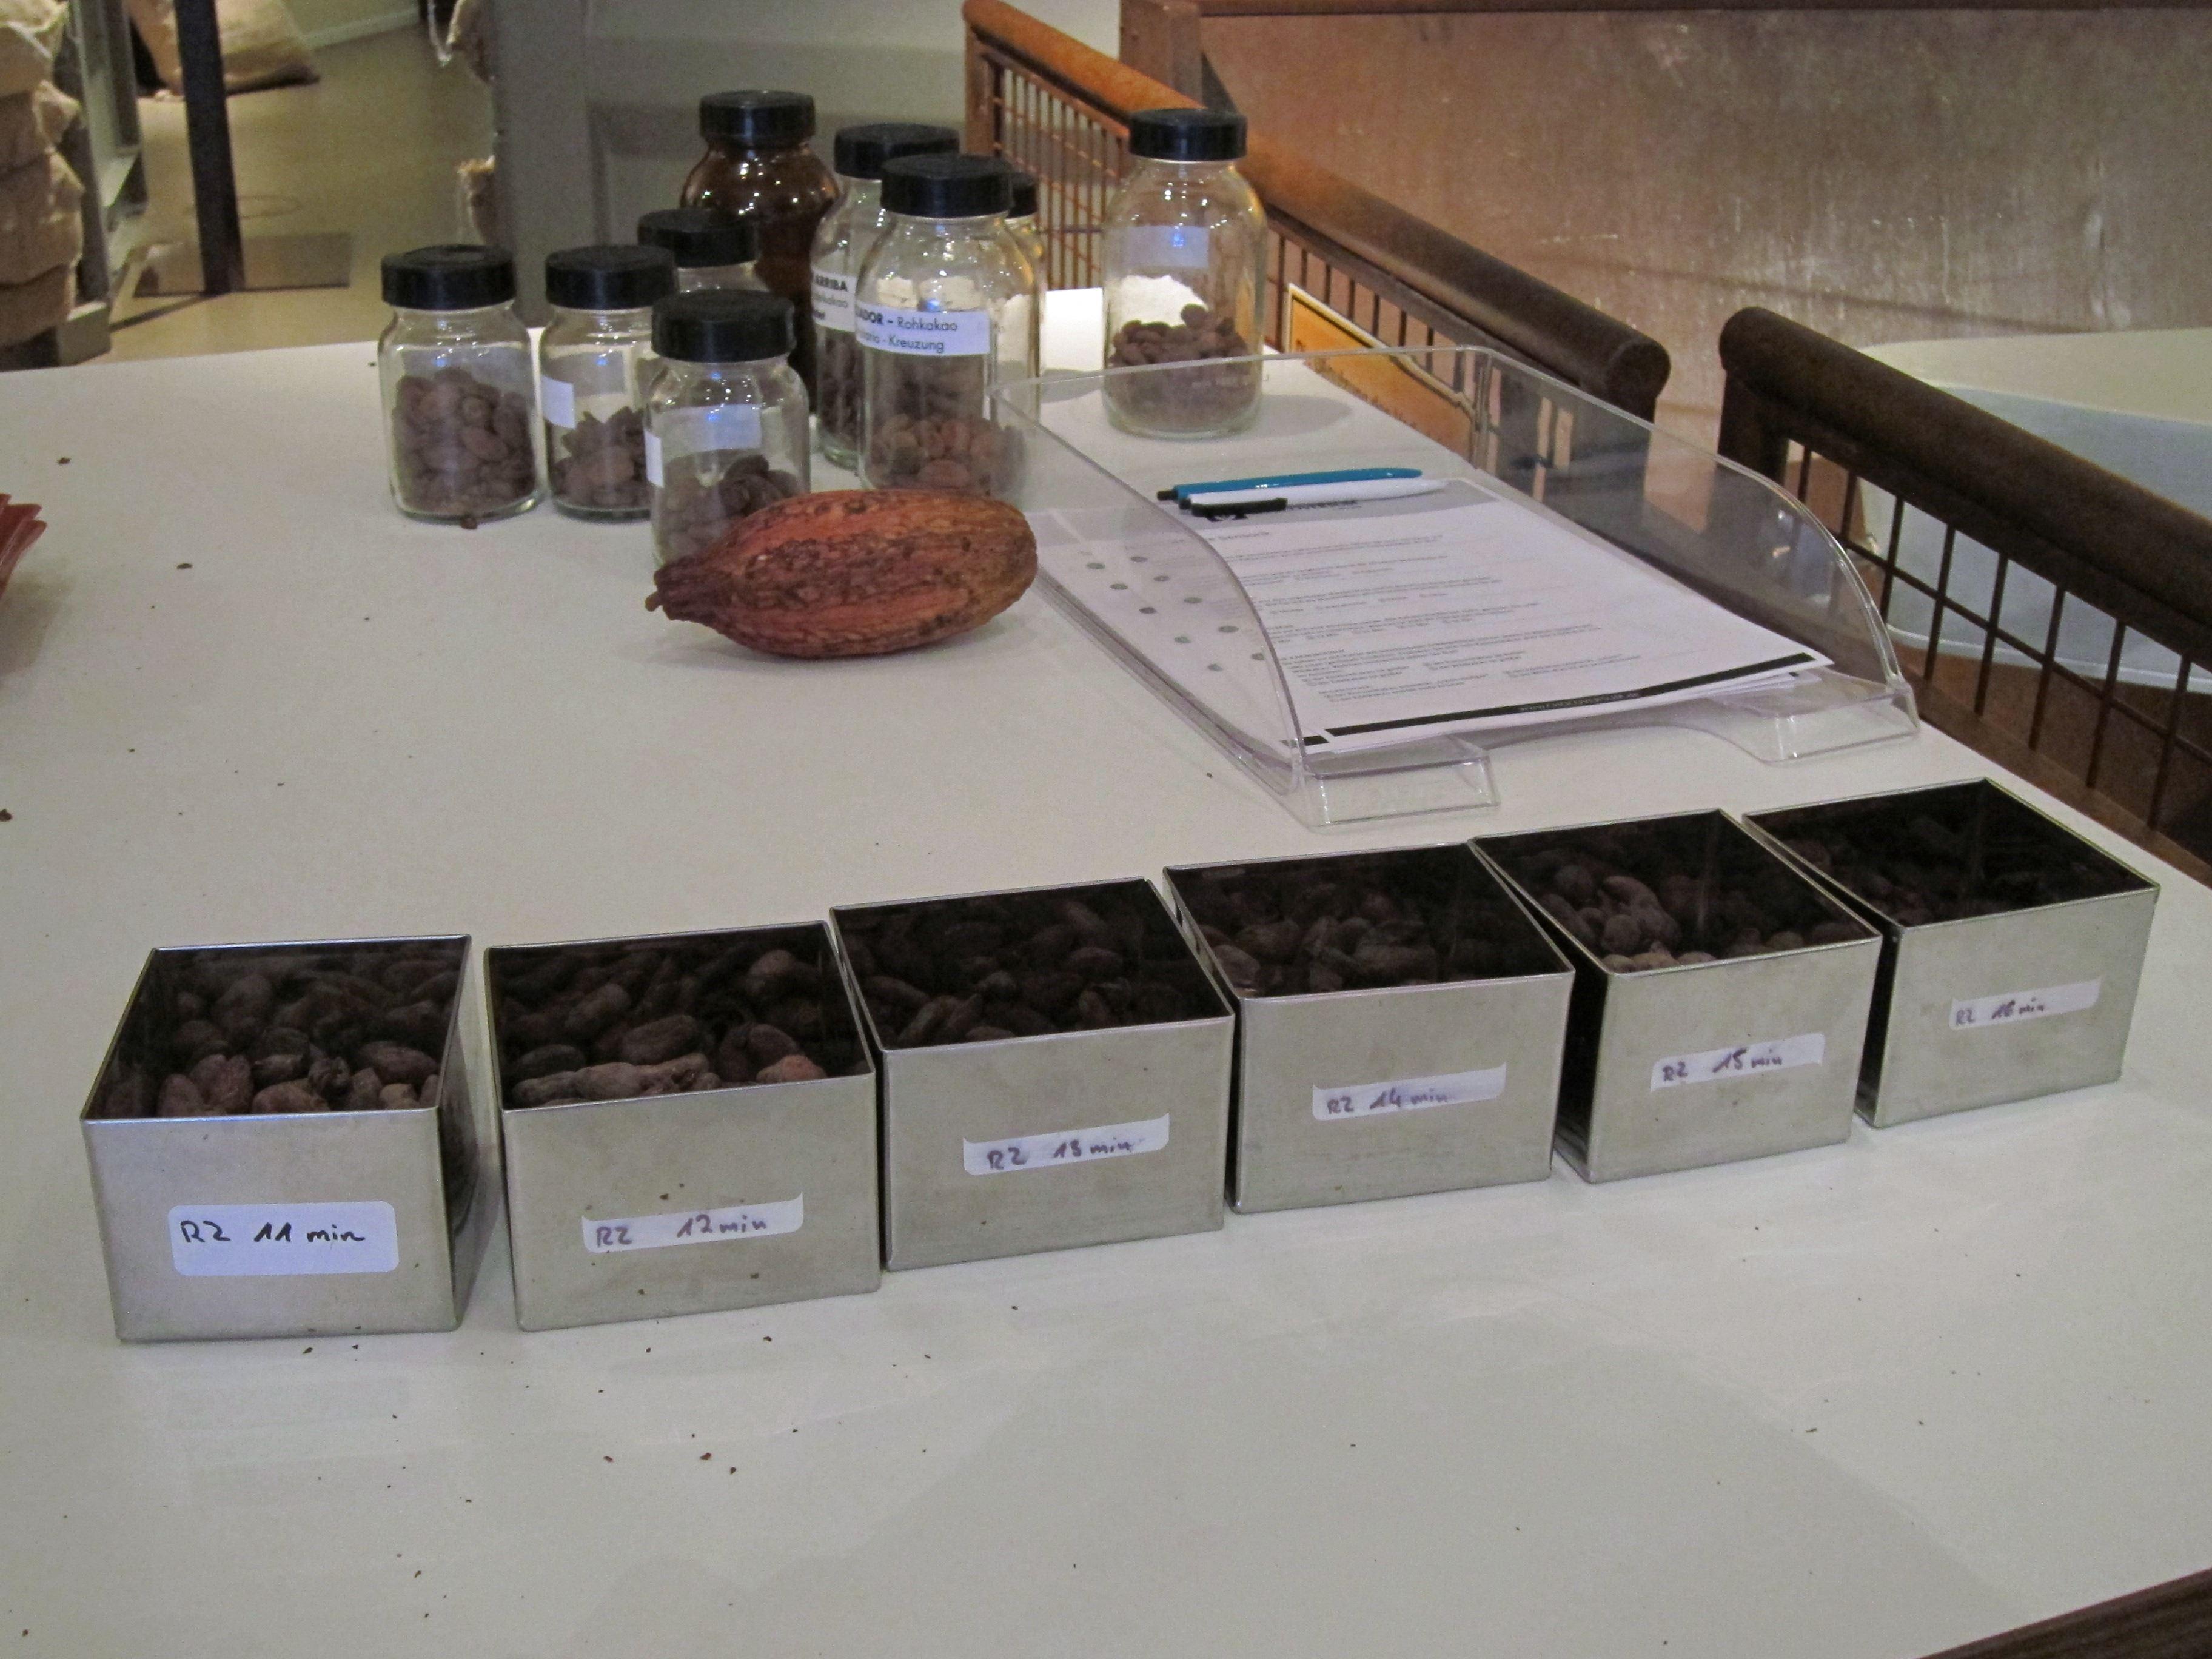 Dosen mit unterschiedlich lang geröstetem Kakao